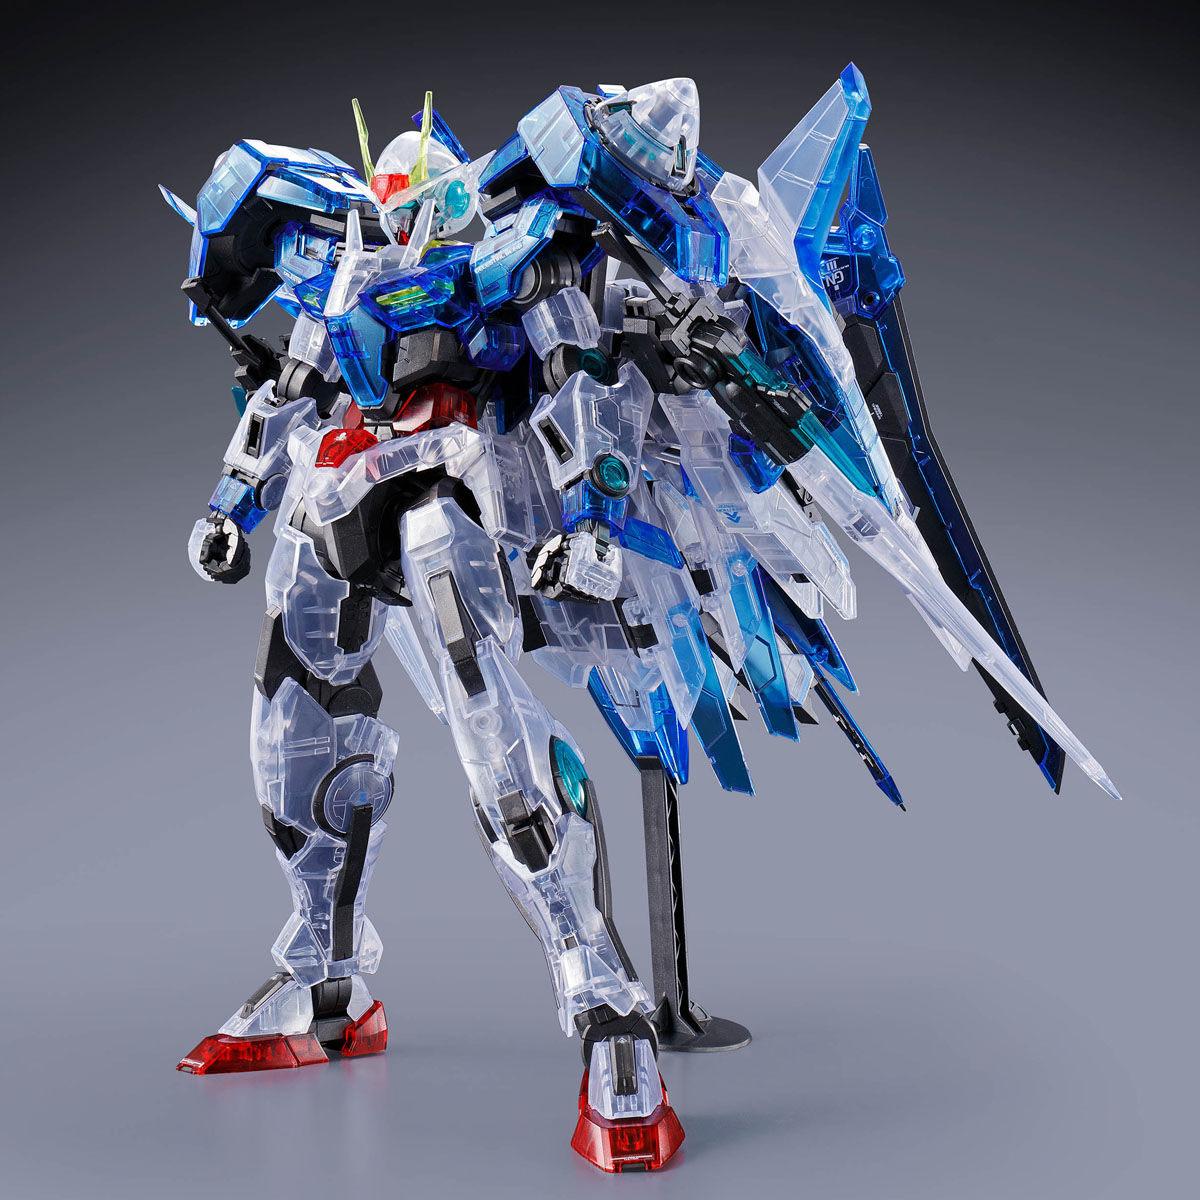 【限定販売】MG 1/100『ダブルオーザンライザー[クリアカラー]』機動戦士ガンダム00V プラモデル-002